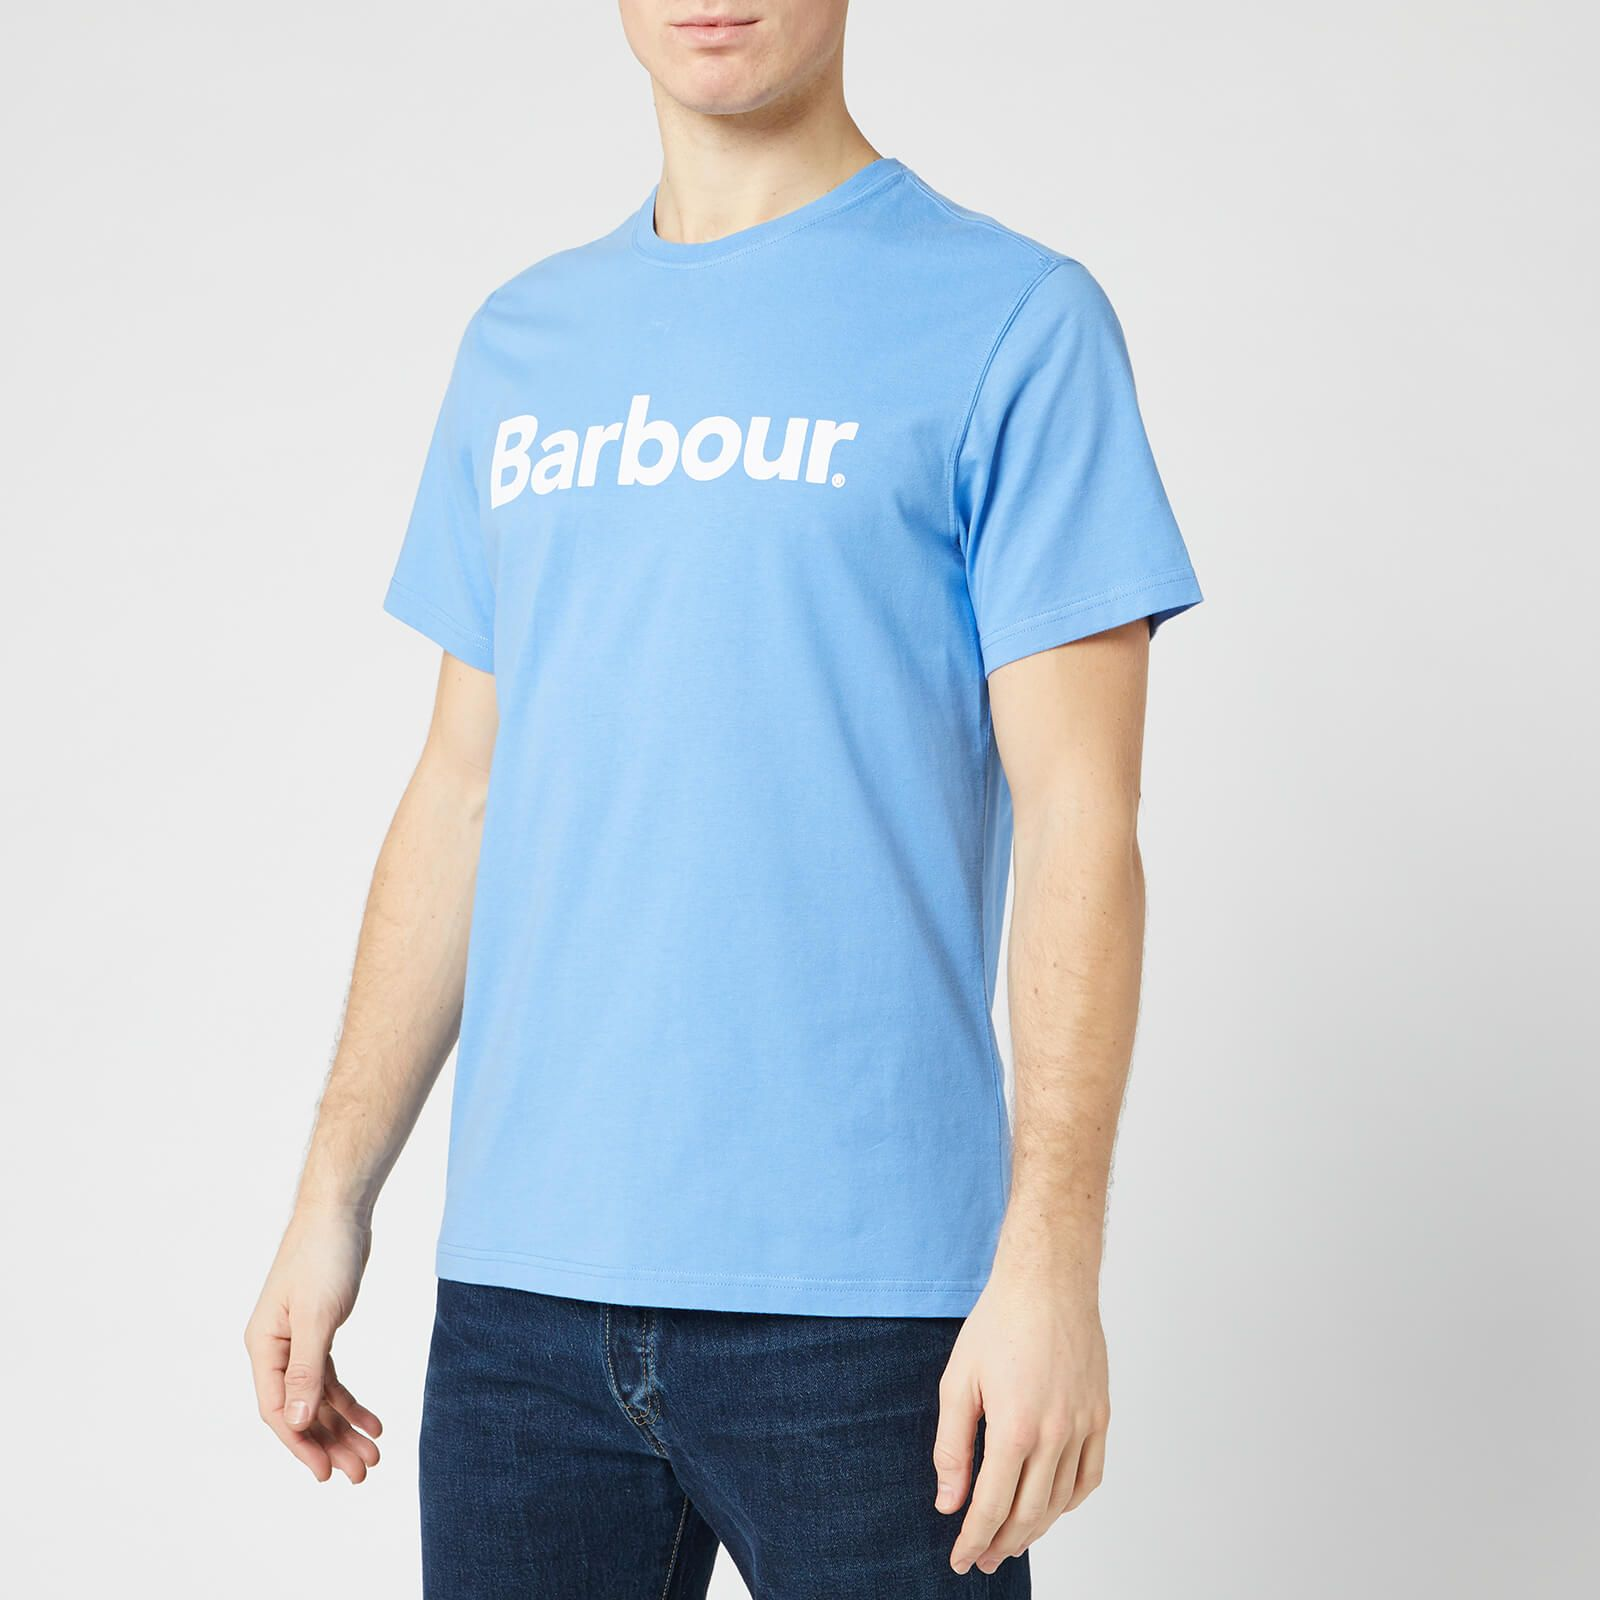 Barbour Sweatshirt Mens